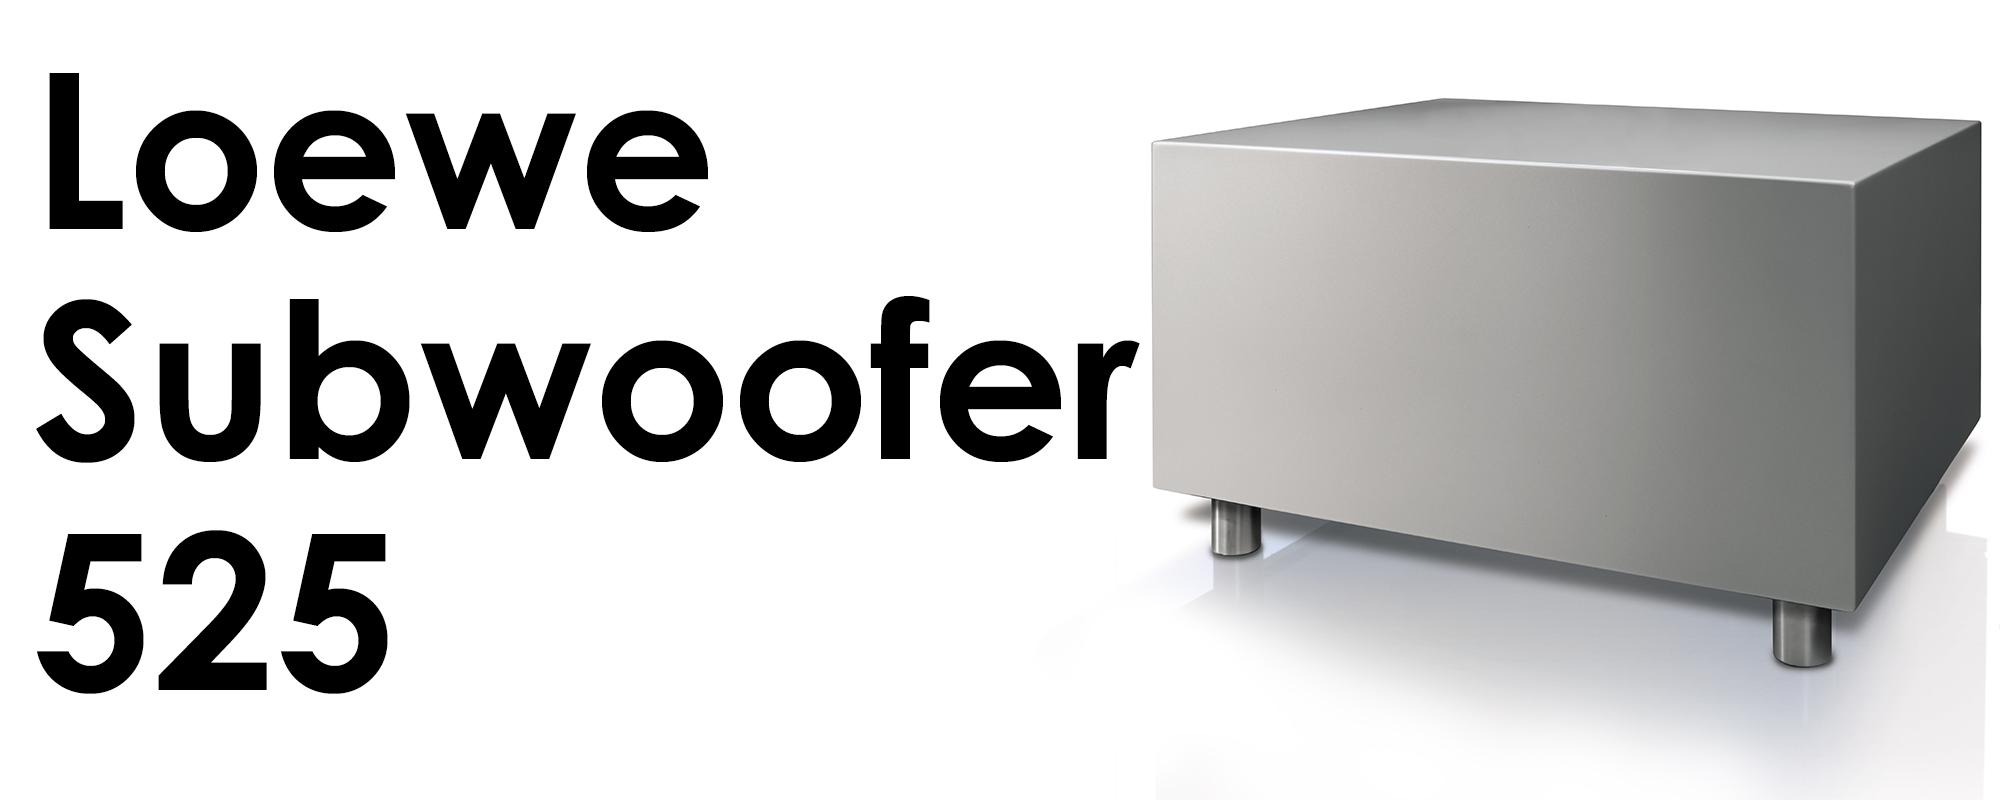 loewe tv og subwoofer. Black Bedroom Furniture Sets. Home Design Ideas